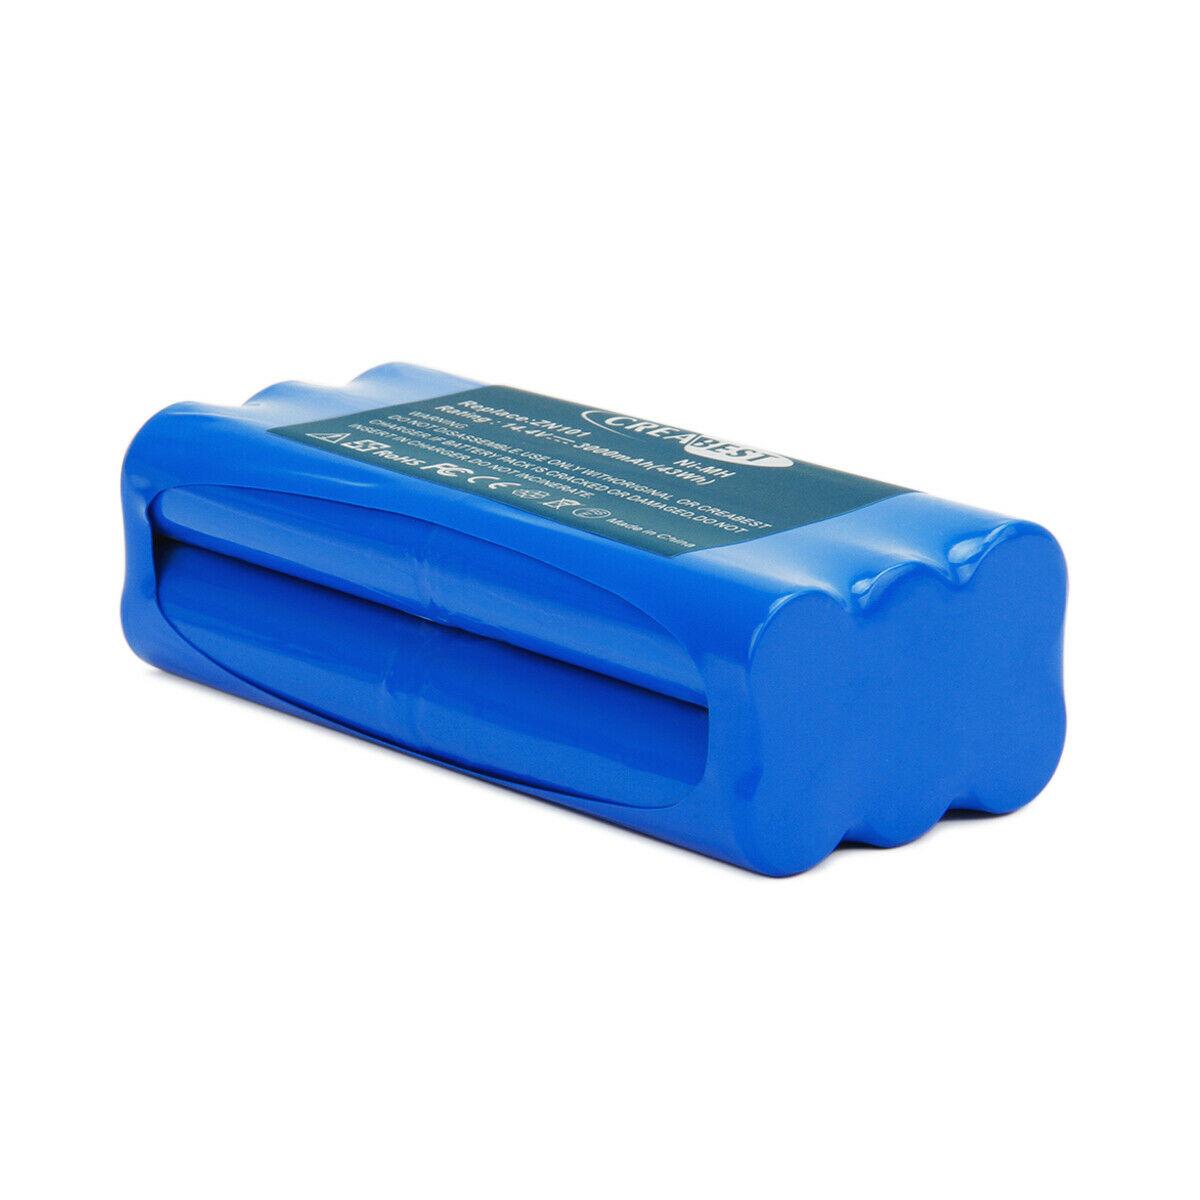 Batterie 3.0AH 14.4V Ni-MH Ecovacs Dibea ZN101,K6,K6L,L6,Dirt Devil Spider M612(compatible)